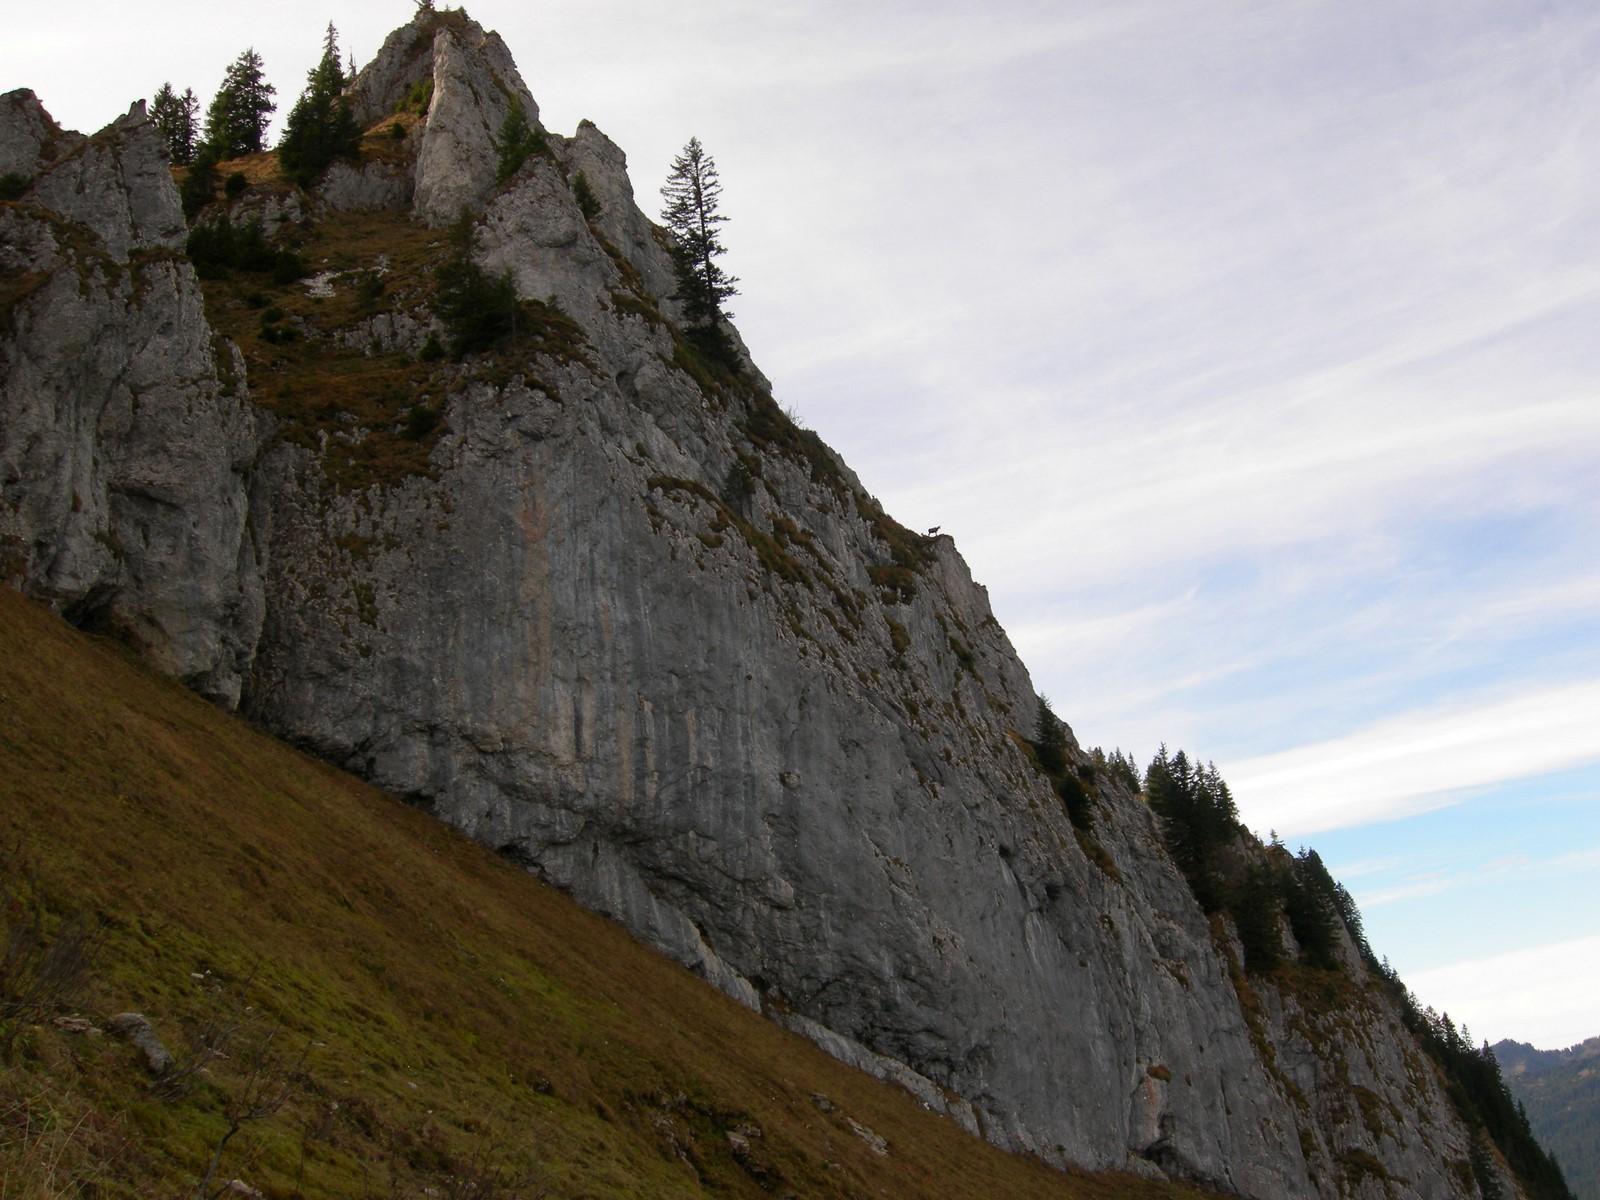 Klettersteig Besler : Besler obermaiselstein oberallgäu bergtour highlight komoot